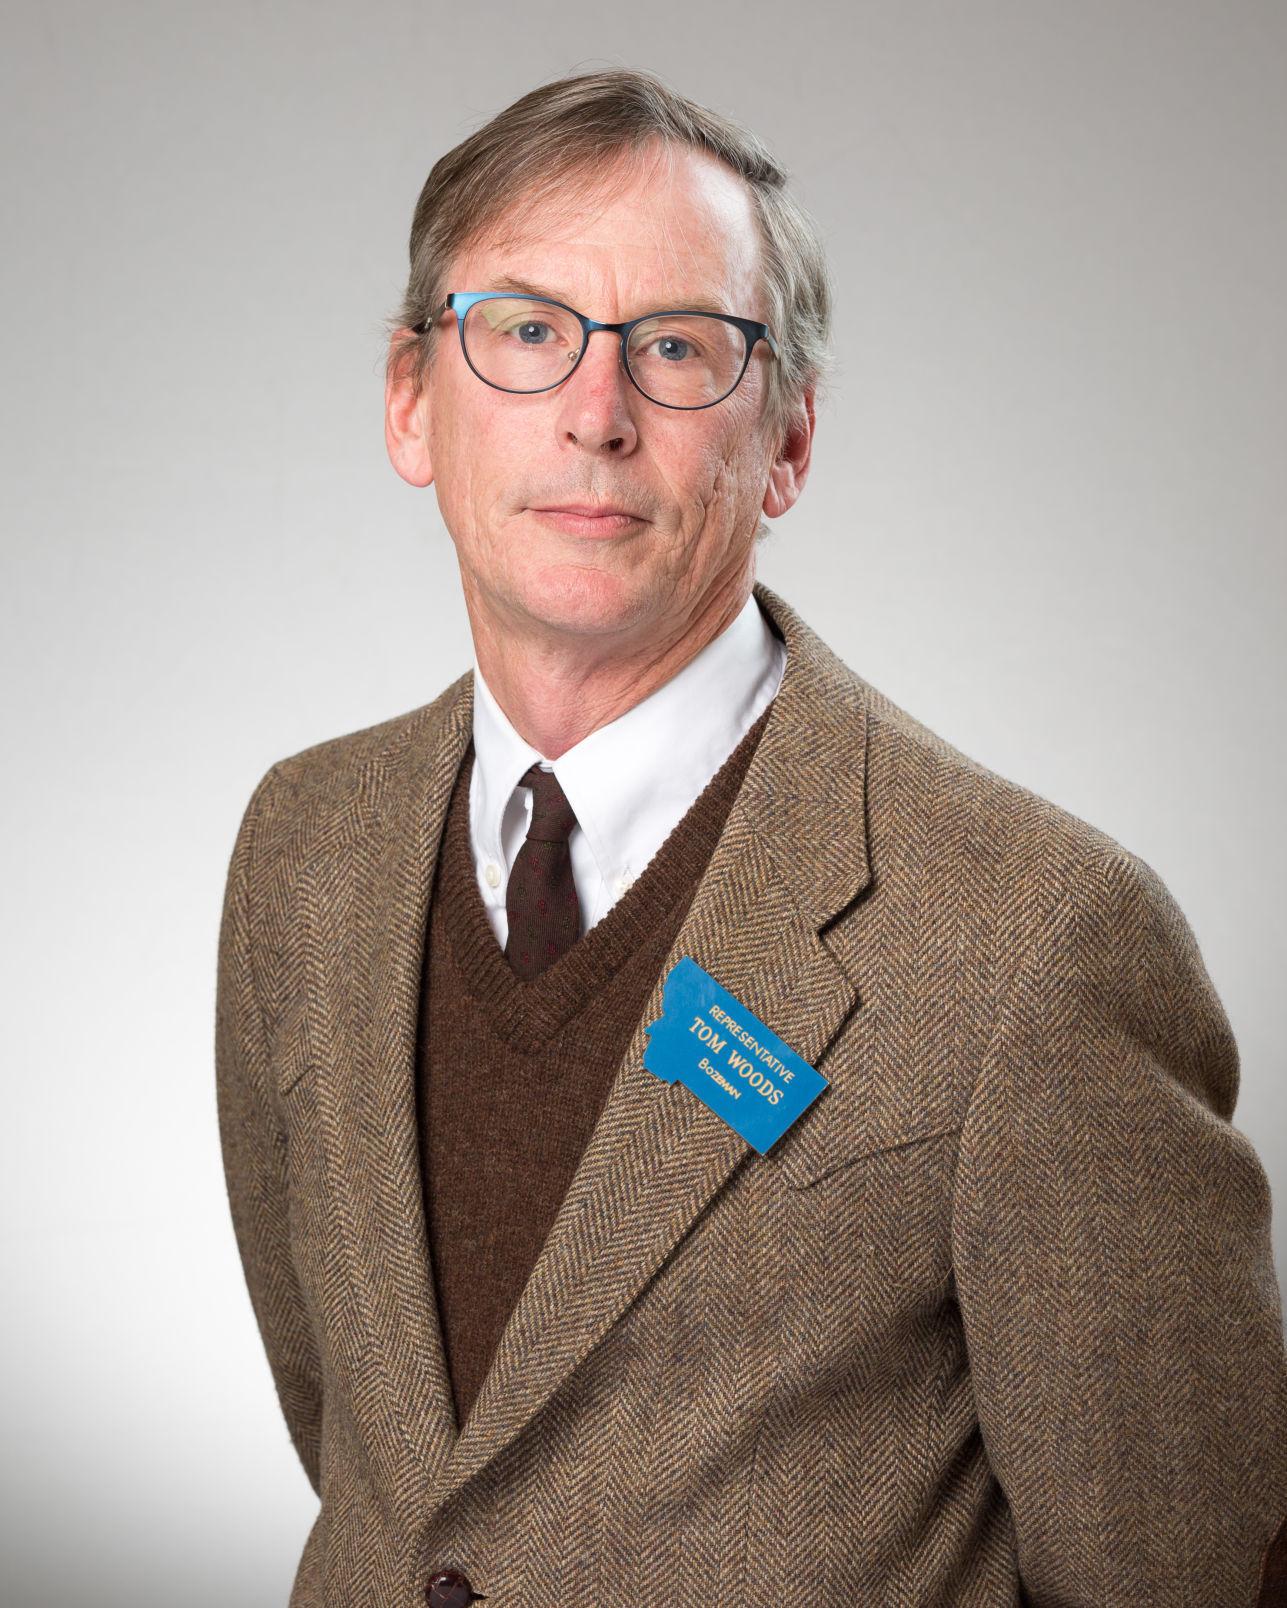 Rep. Tom Woods